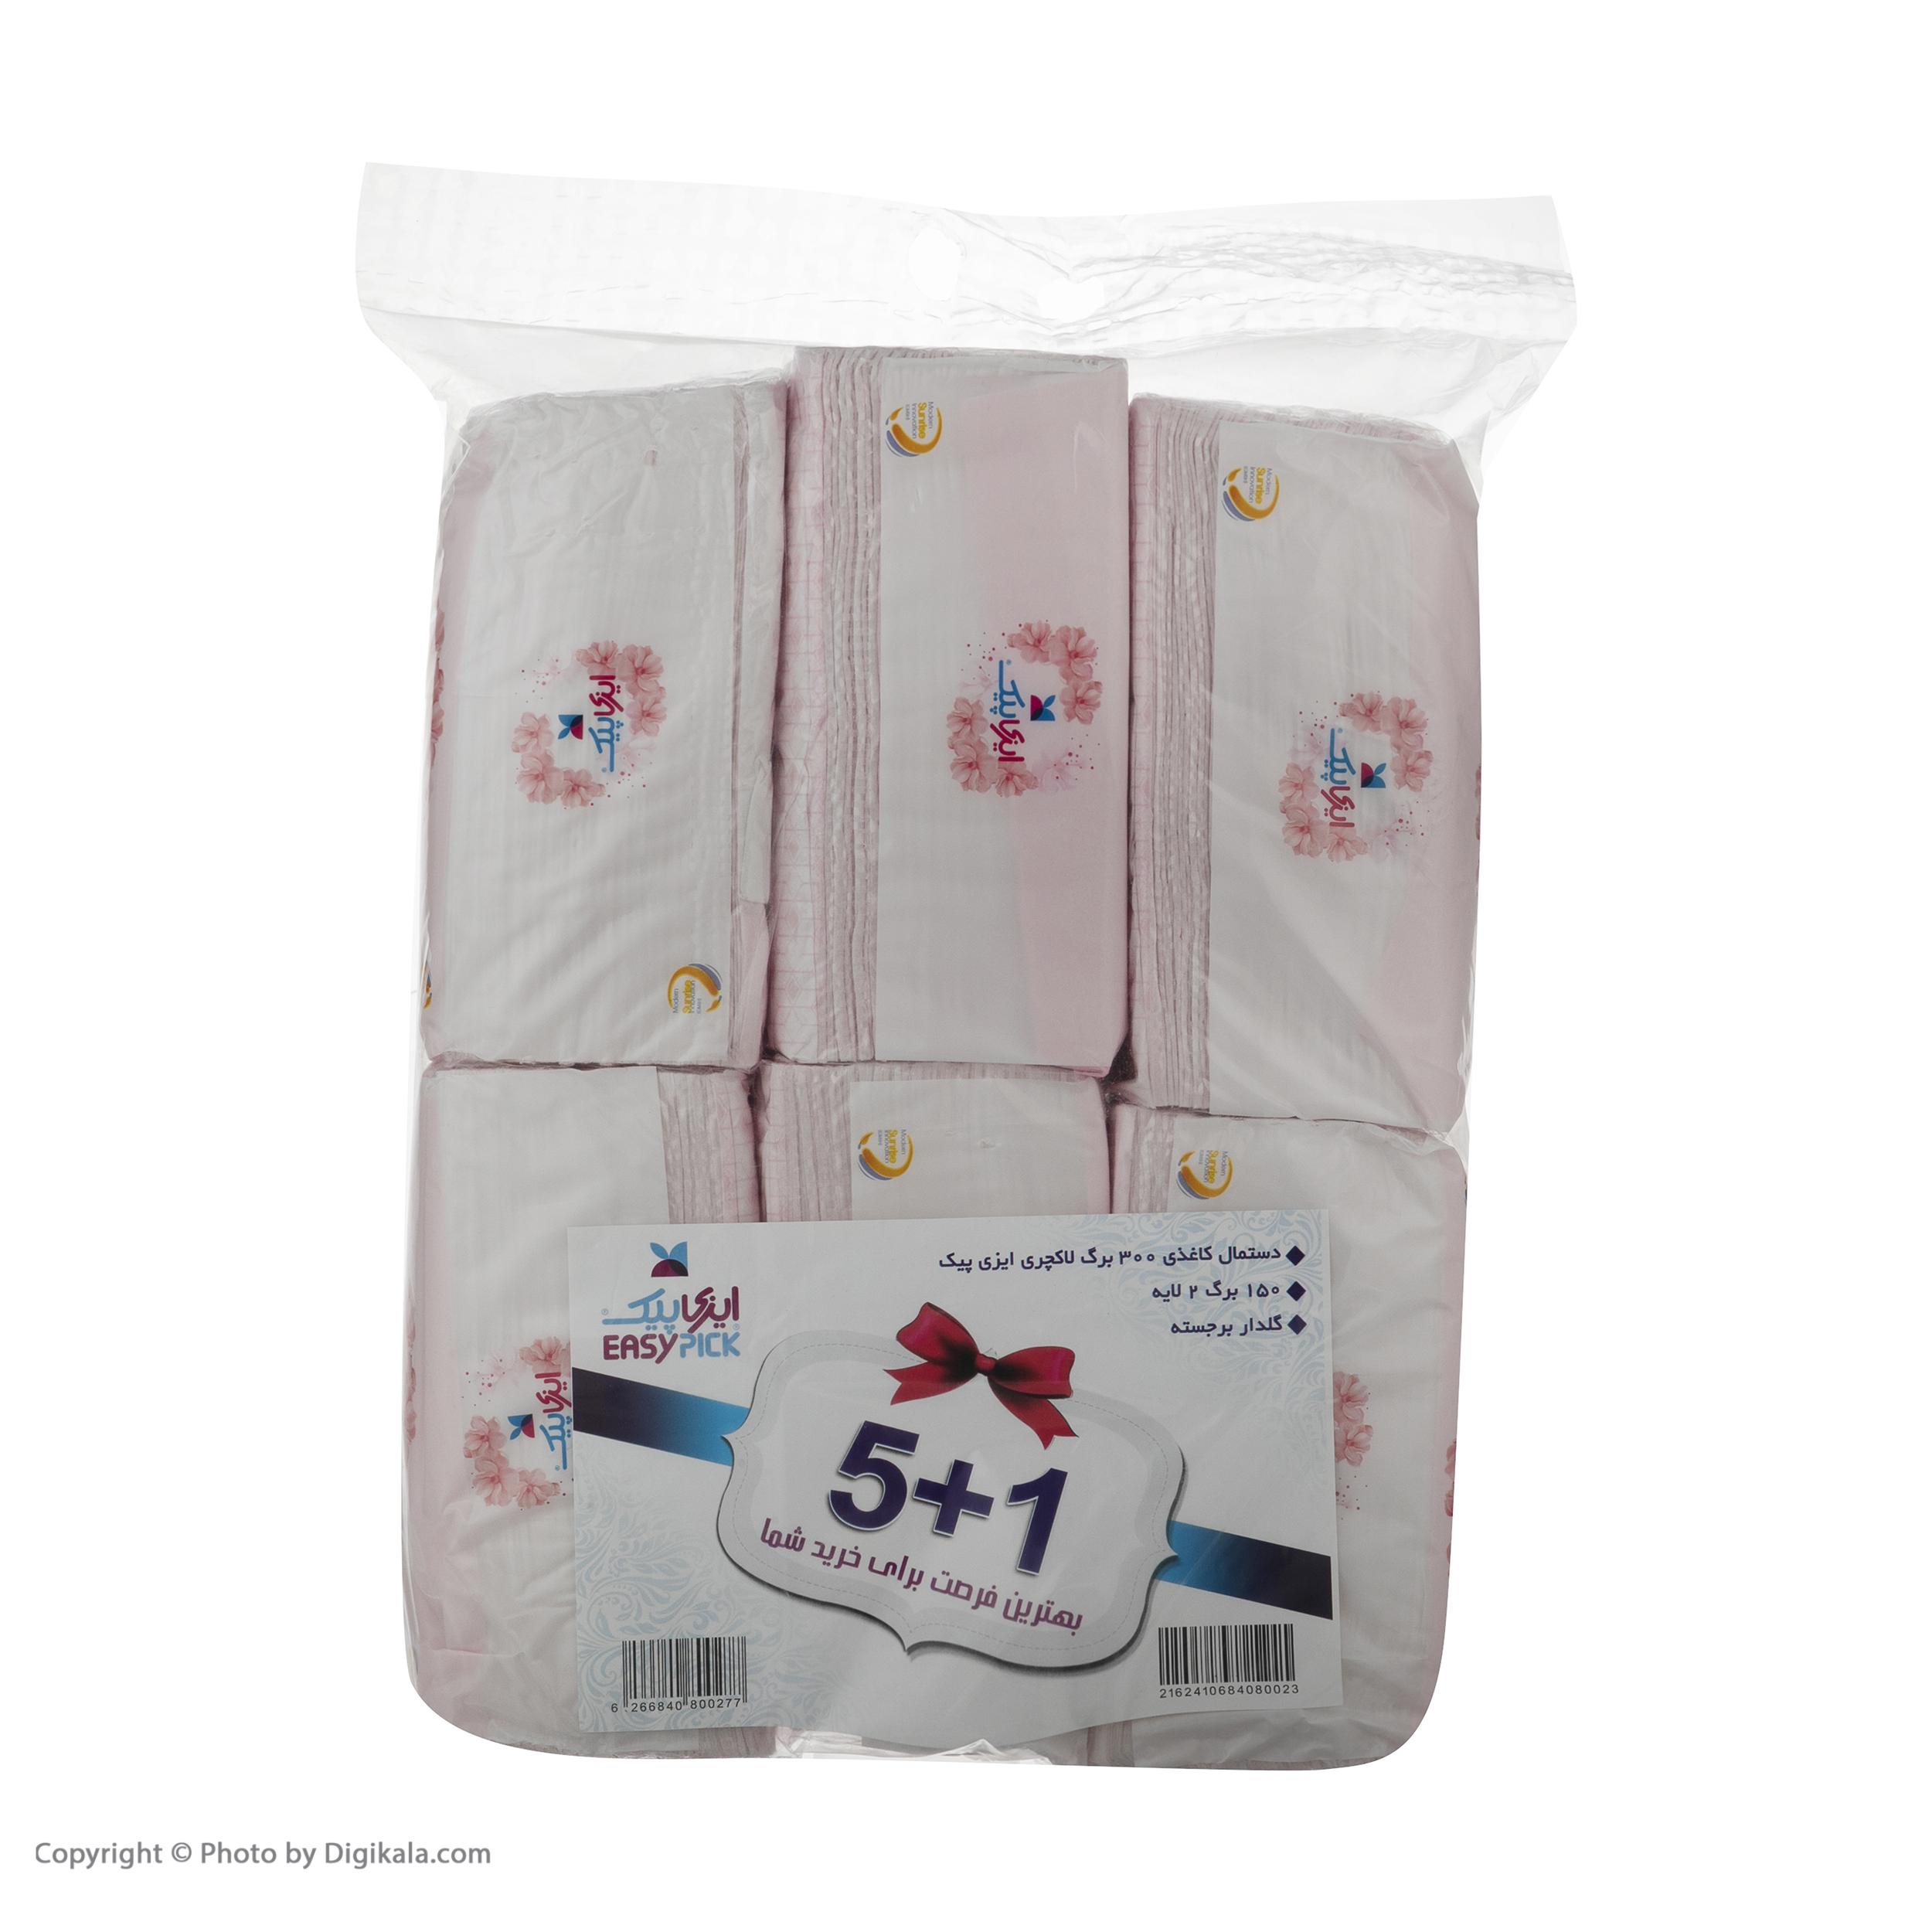 دستمال کاغذی 150 برگ ایزی پیک مدل Luxury بسته 6 عددی main 1 5